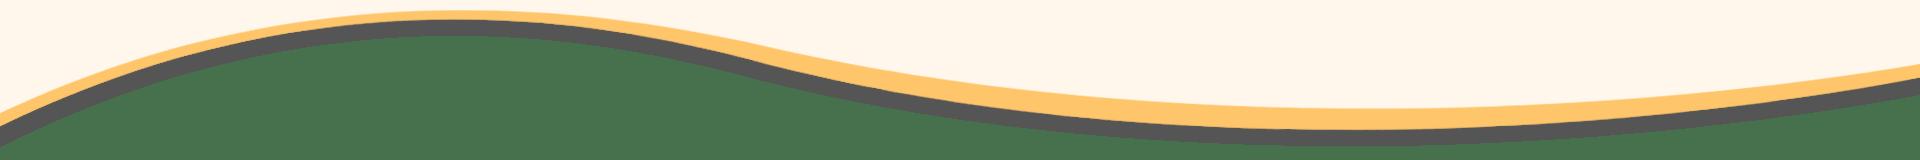 Texture top